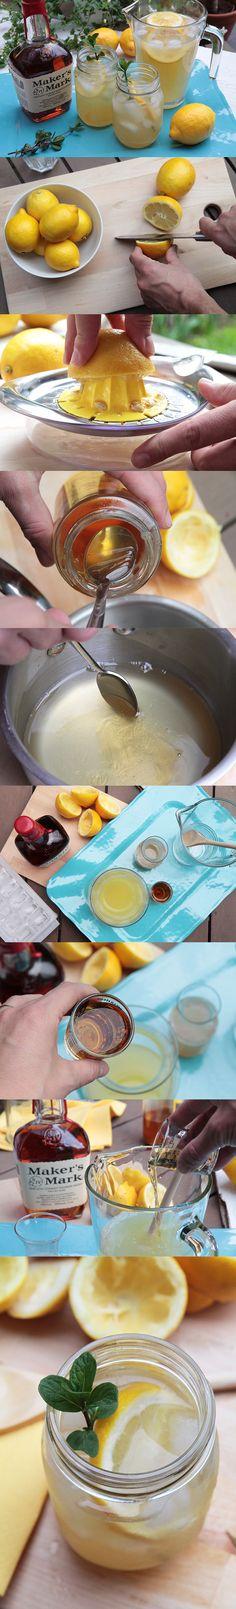 Une délicieuse #recette de #limonade pétillante au #bourbon pour célébrer l'arrivée de la belle saison! #cocktail